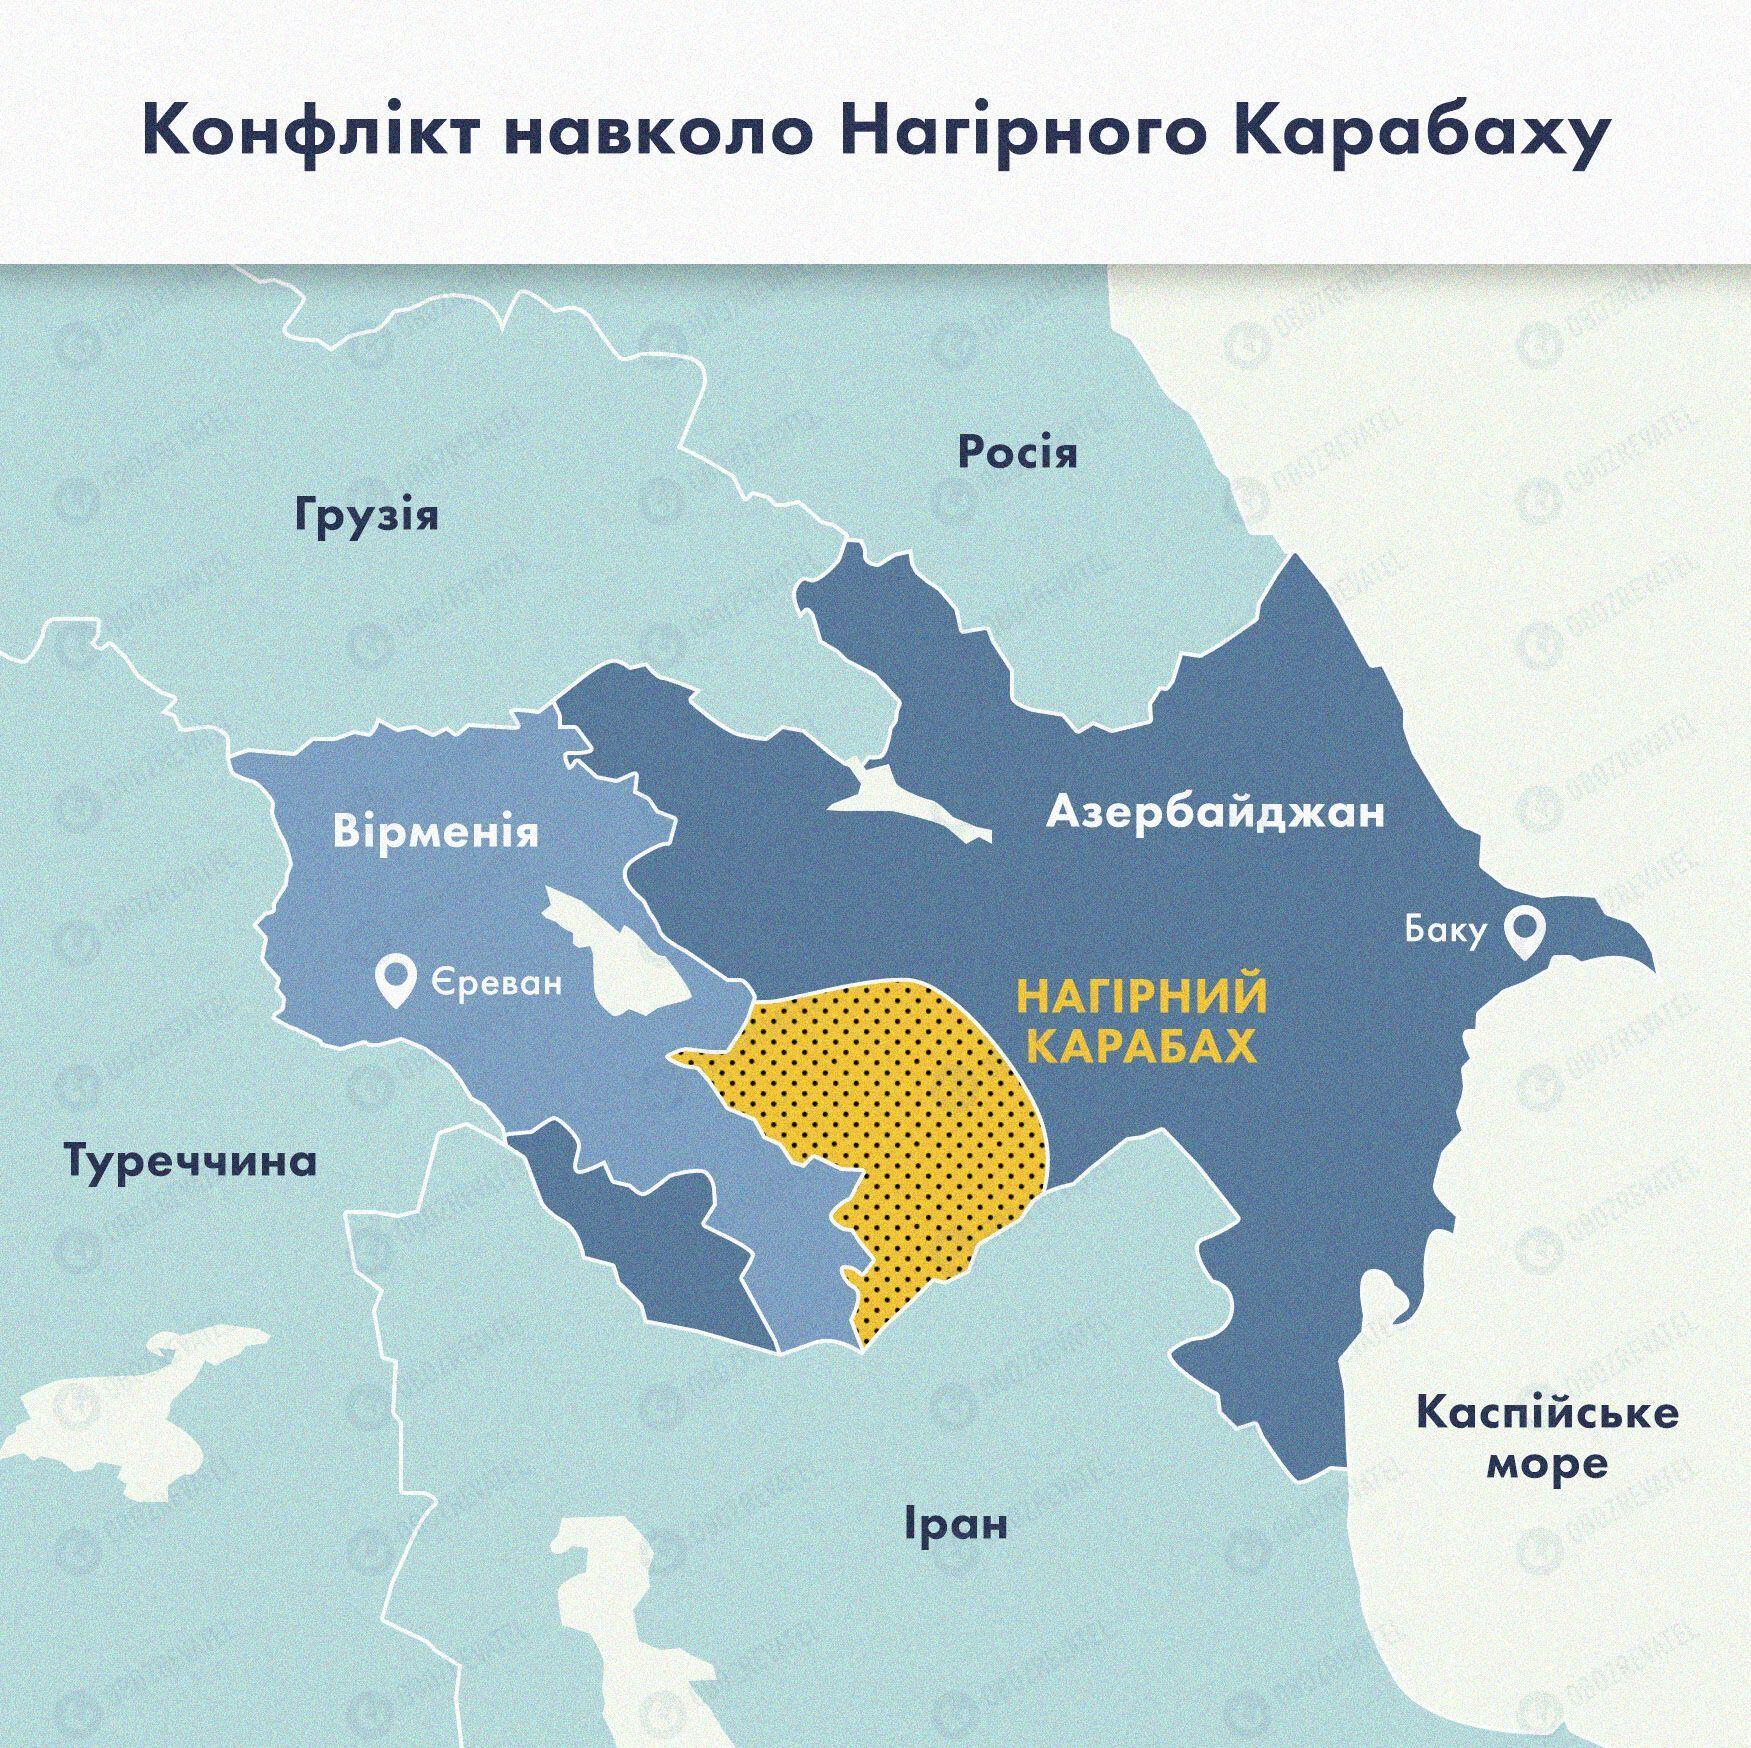 Карта конфликта в Нагорном Карабахе